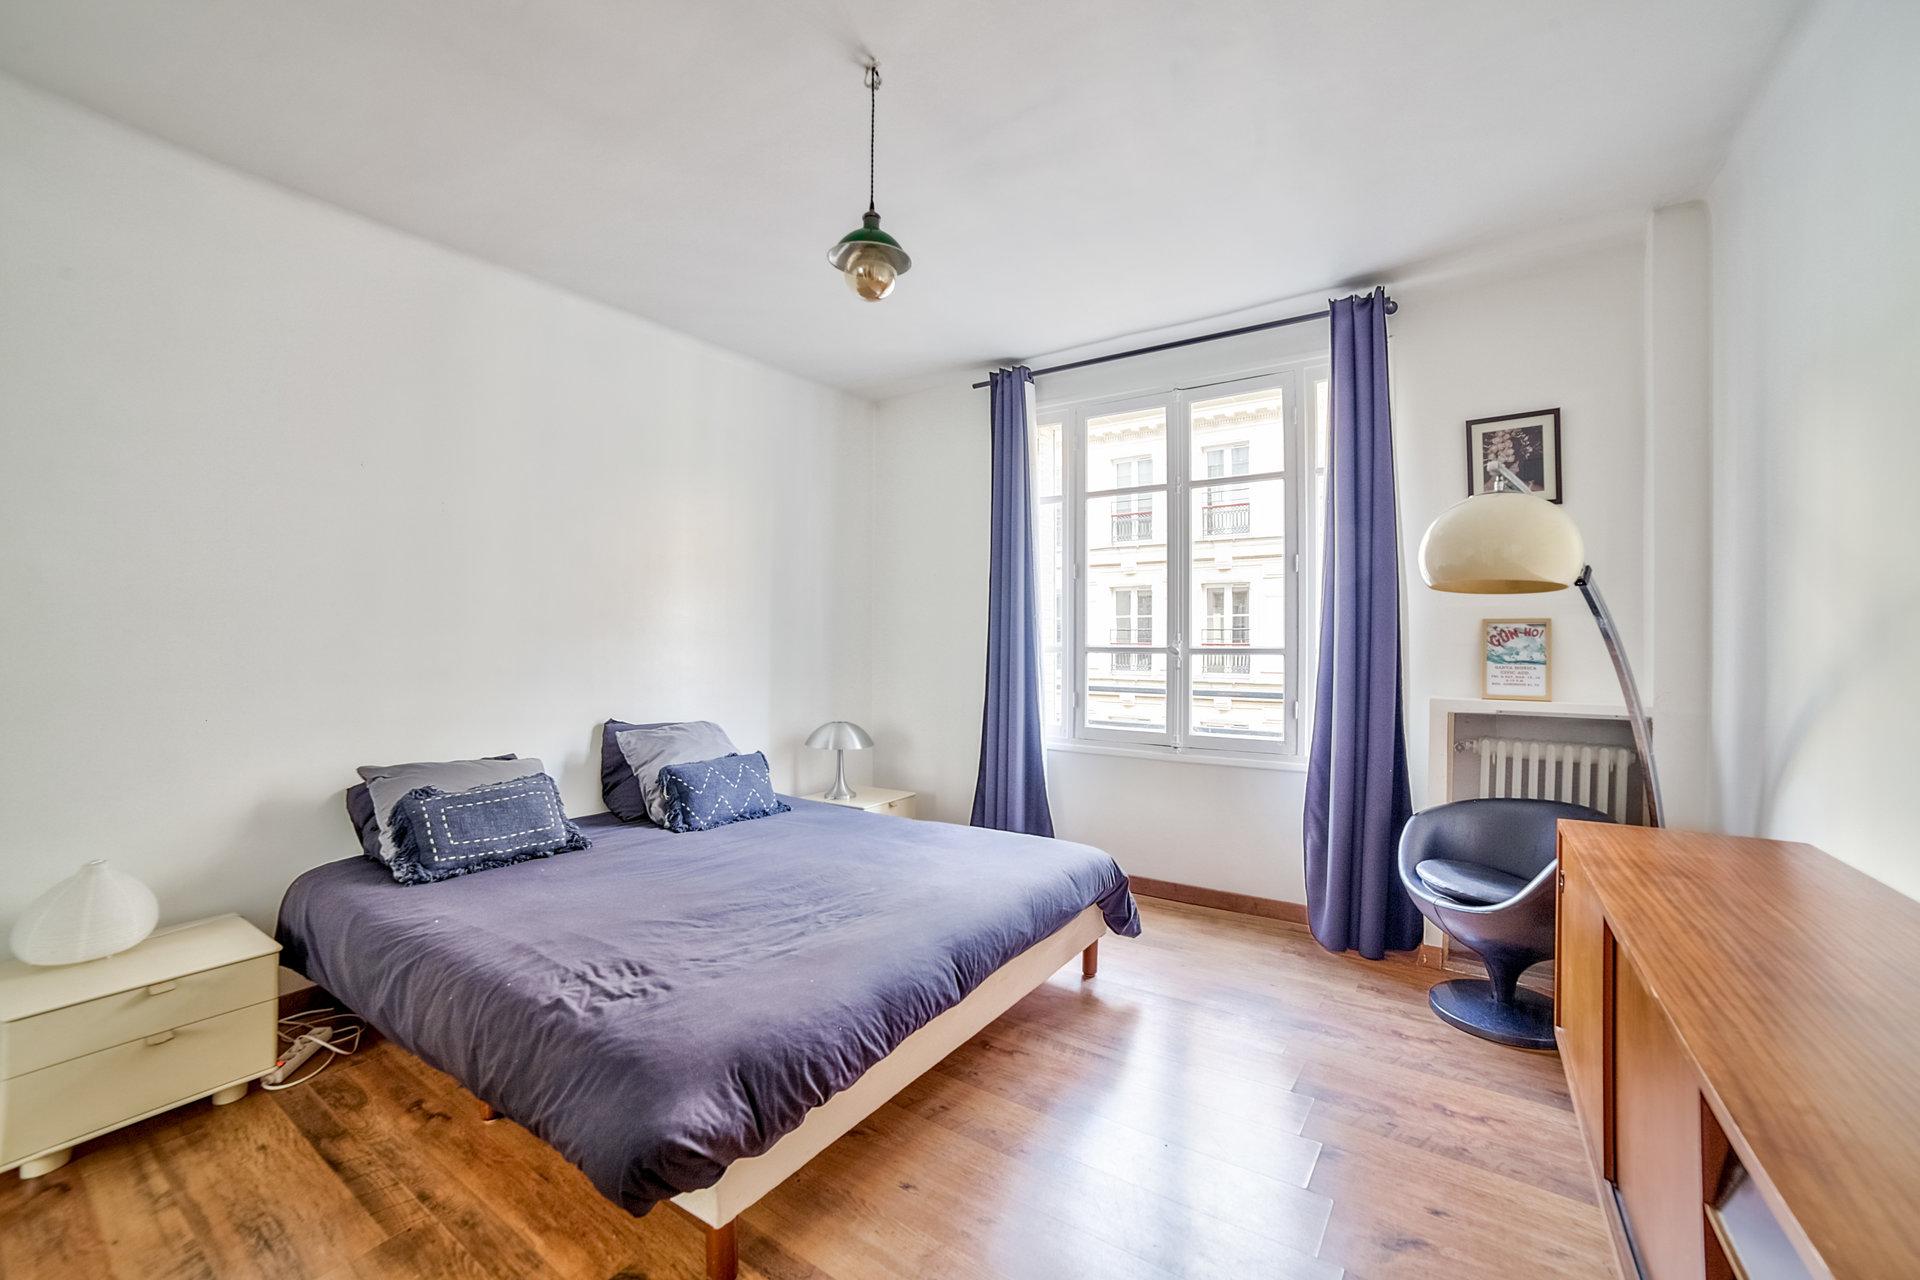 Квартира с одной спальней на продажу в Париже